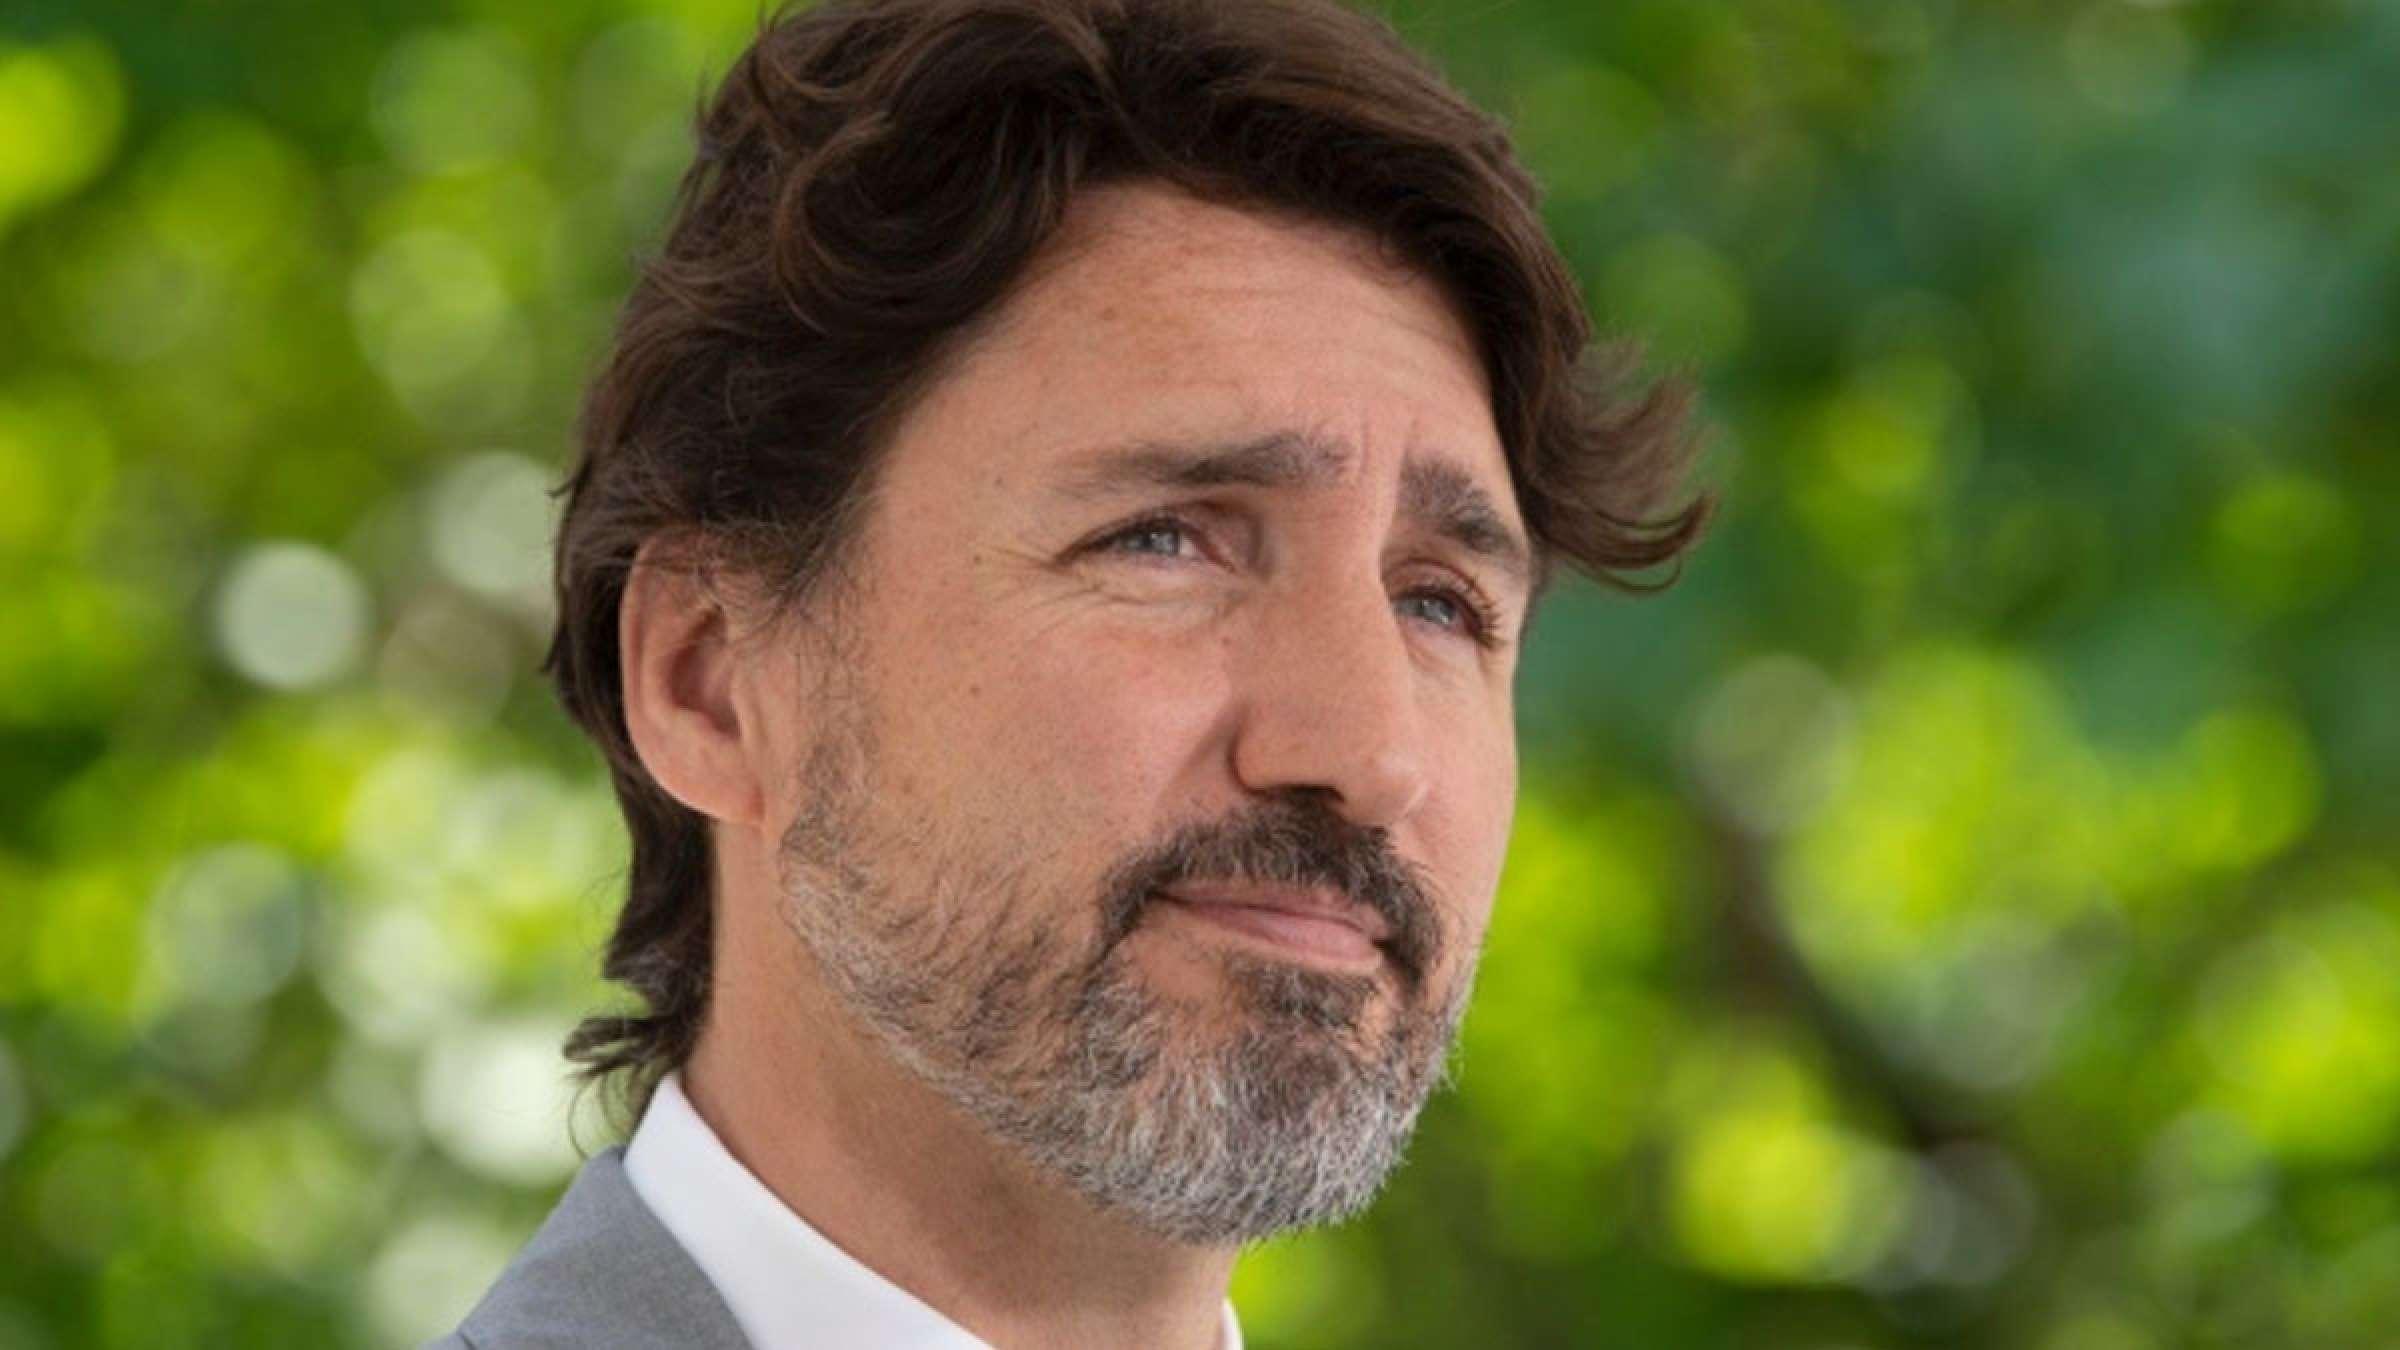 اخبار-کانادا-ترودو-سوبسید-دستمزدها-بعلت-کرونا-را-دوباره-تمدید-کرد